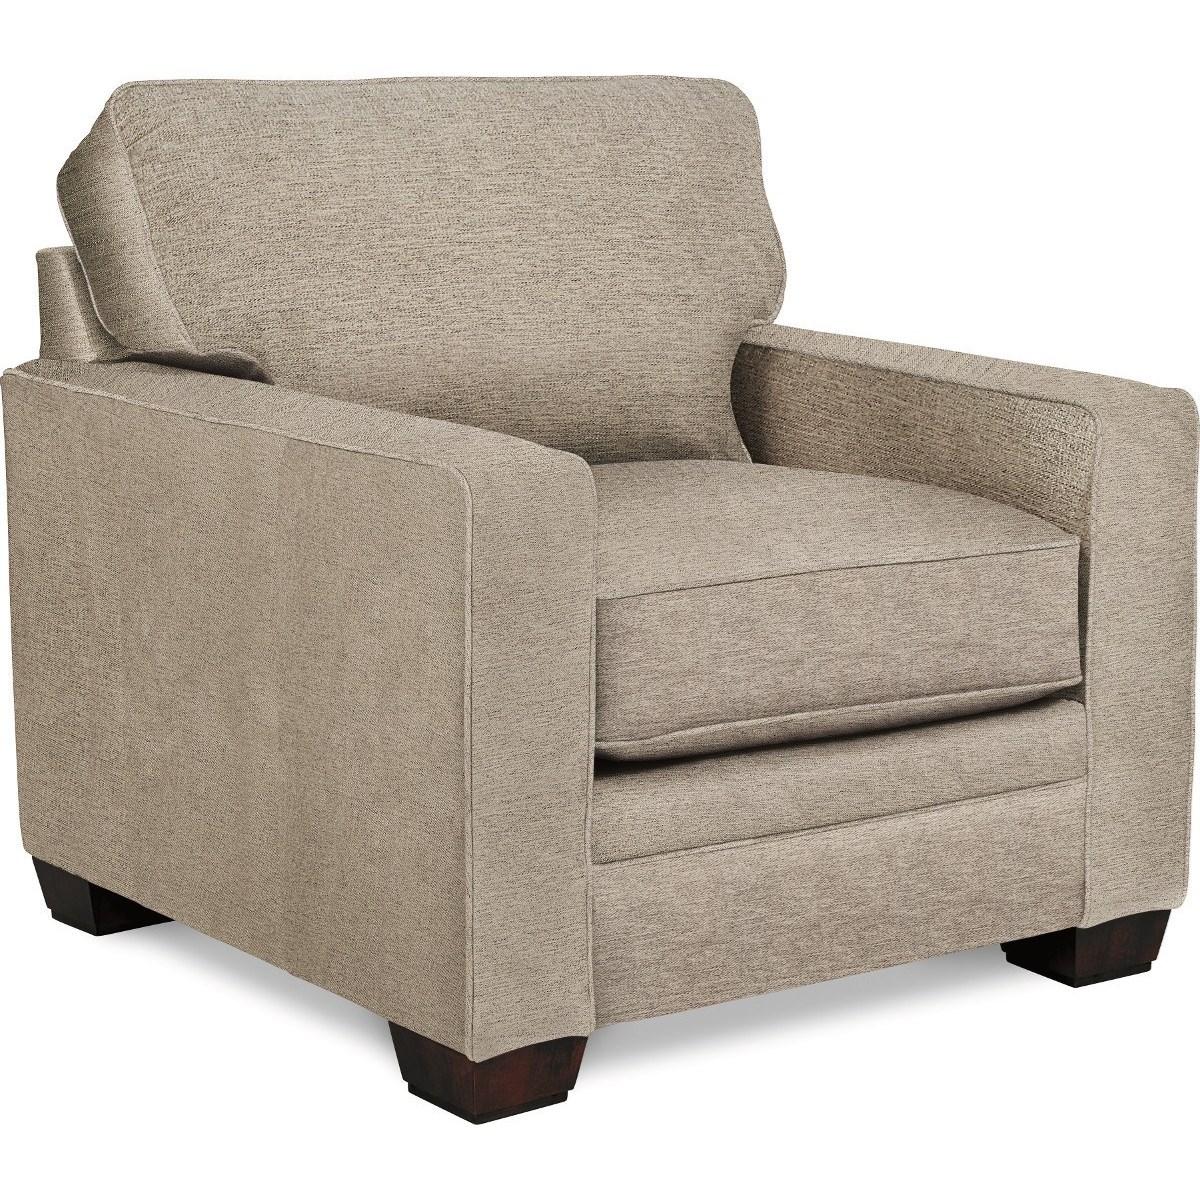 Meyer Chair by La-Z-Boy at Johnny Janosik